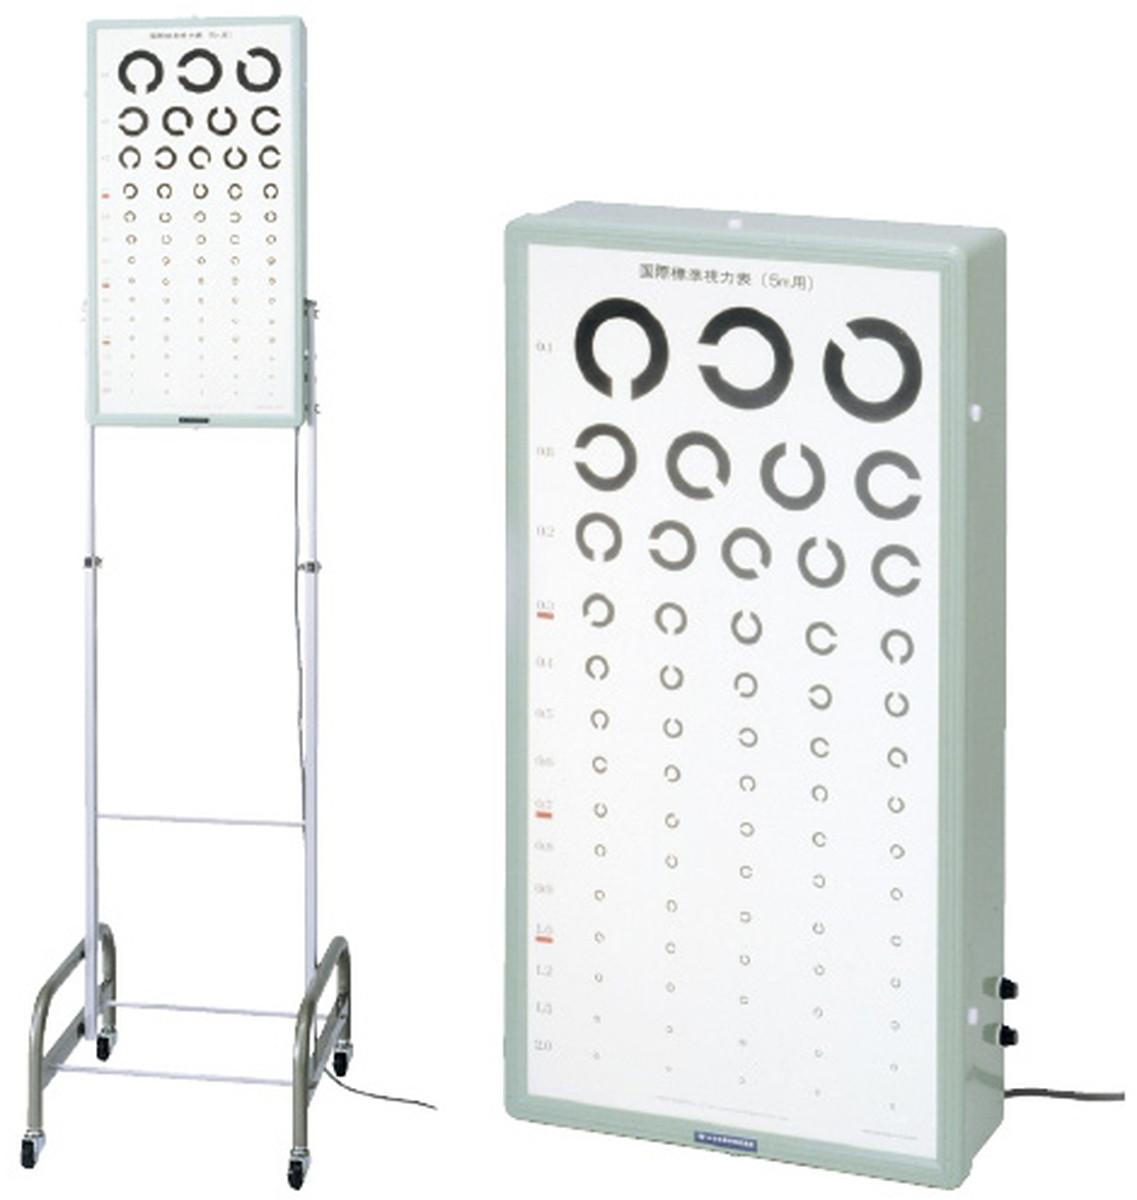 【全国配送可】-試視力表照明装置(壁掛式) 12243(5Mヨウ) 品番 my23-5336-00-- 1入り-【MY医科器機】